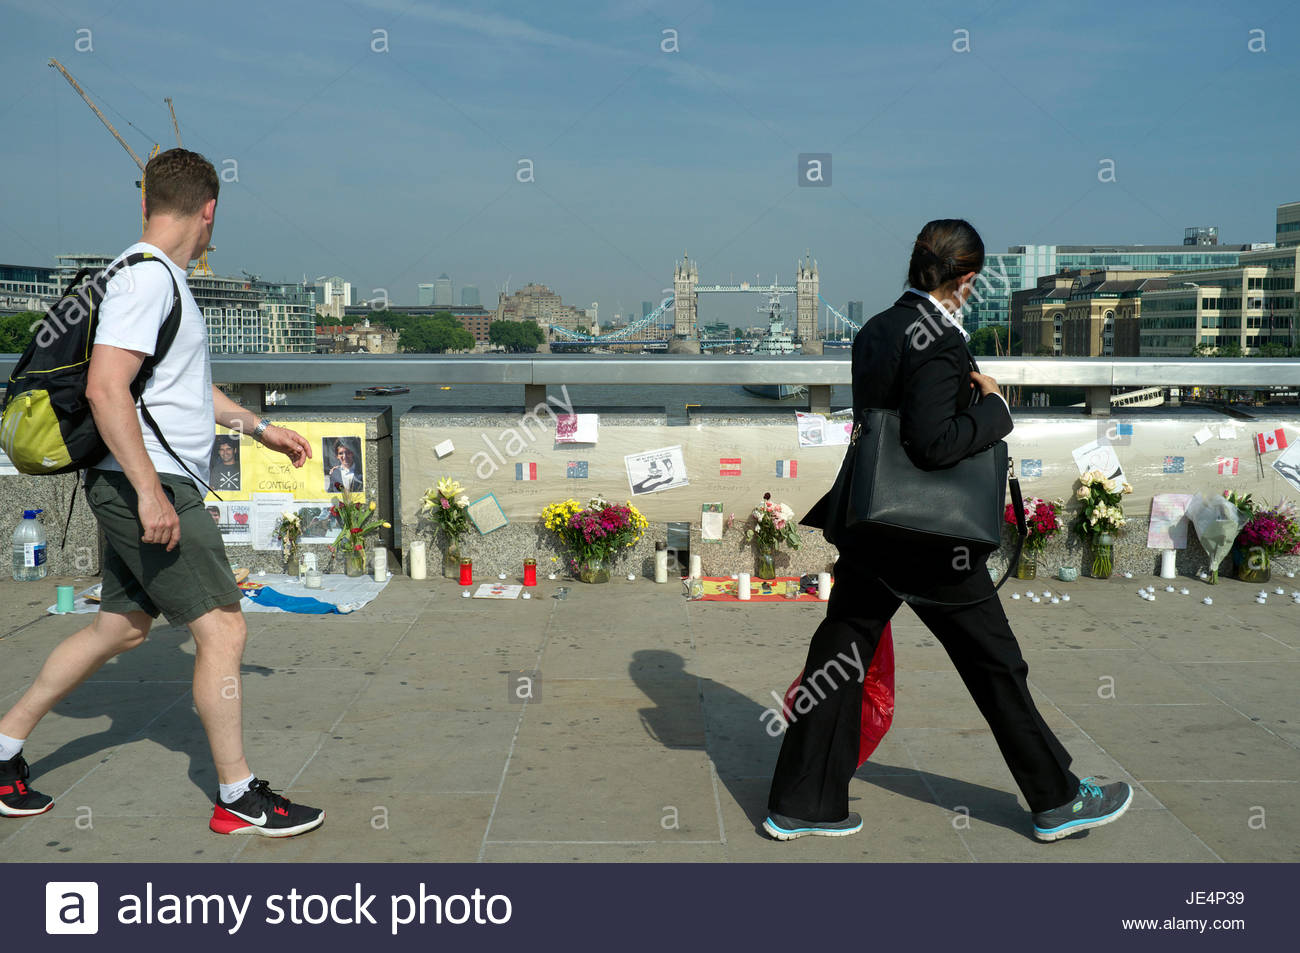 Hommages et signes de sympathie pour les victimes, en réponse à la Juin 2017 London Bridge attaques de Photo Stock